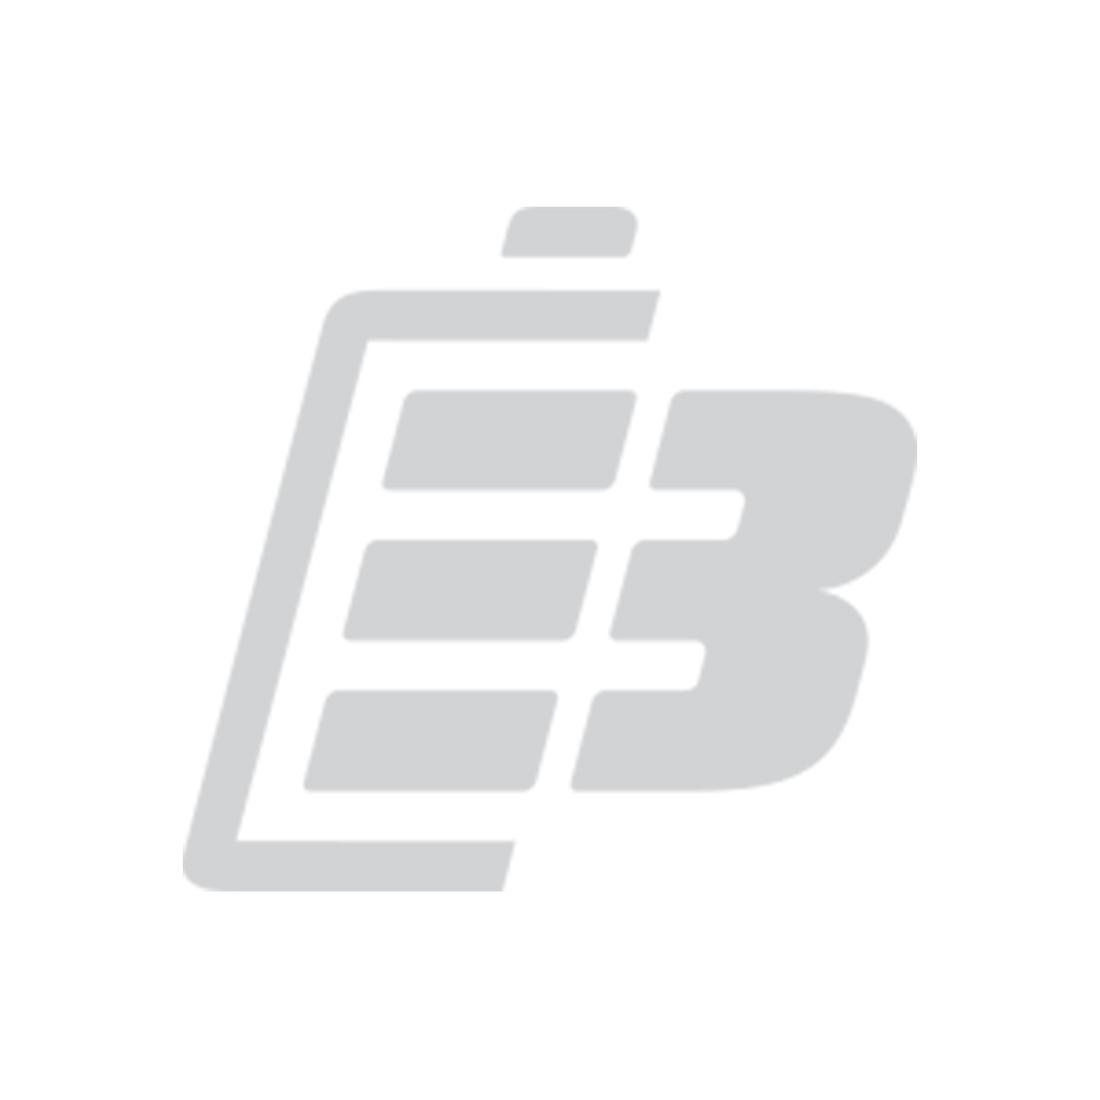 GPS battery Becker Traffic Assist Pro Ferrari 7929_1